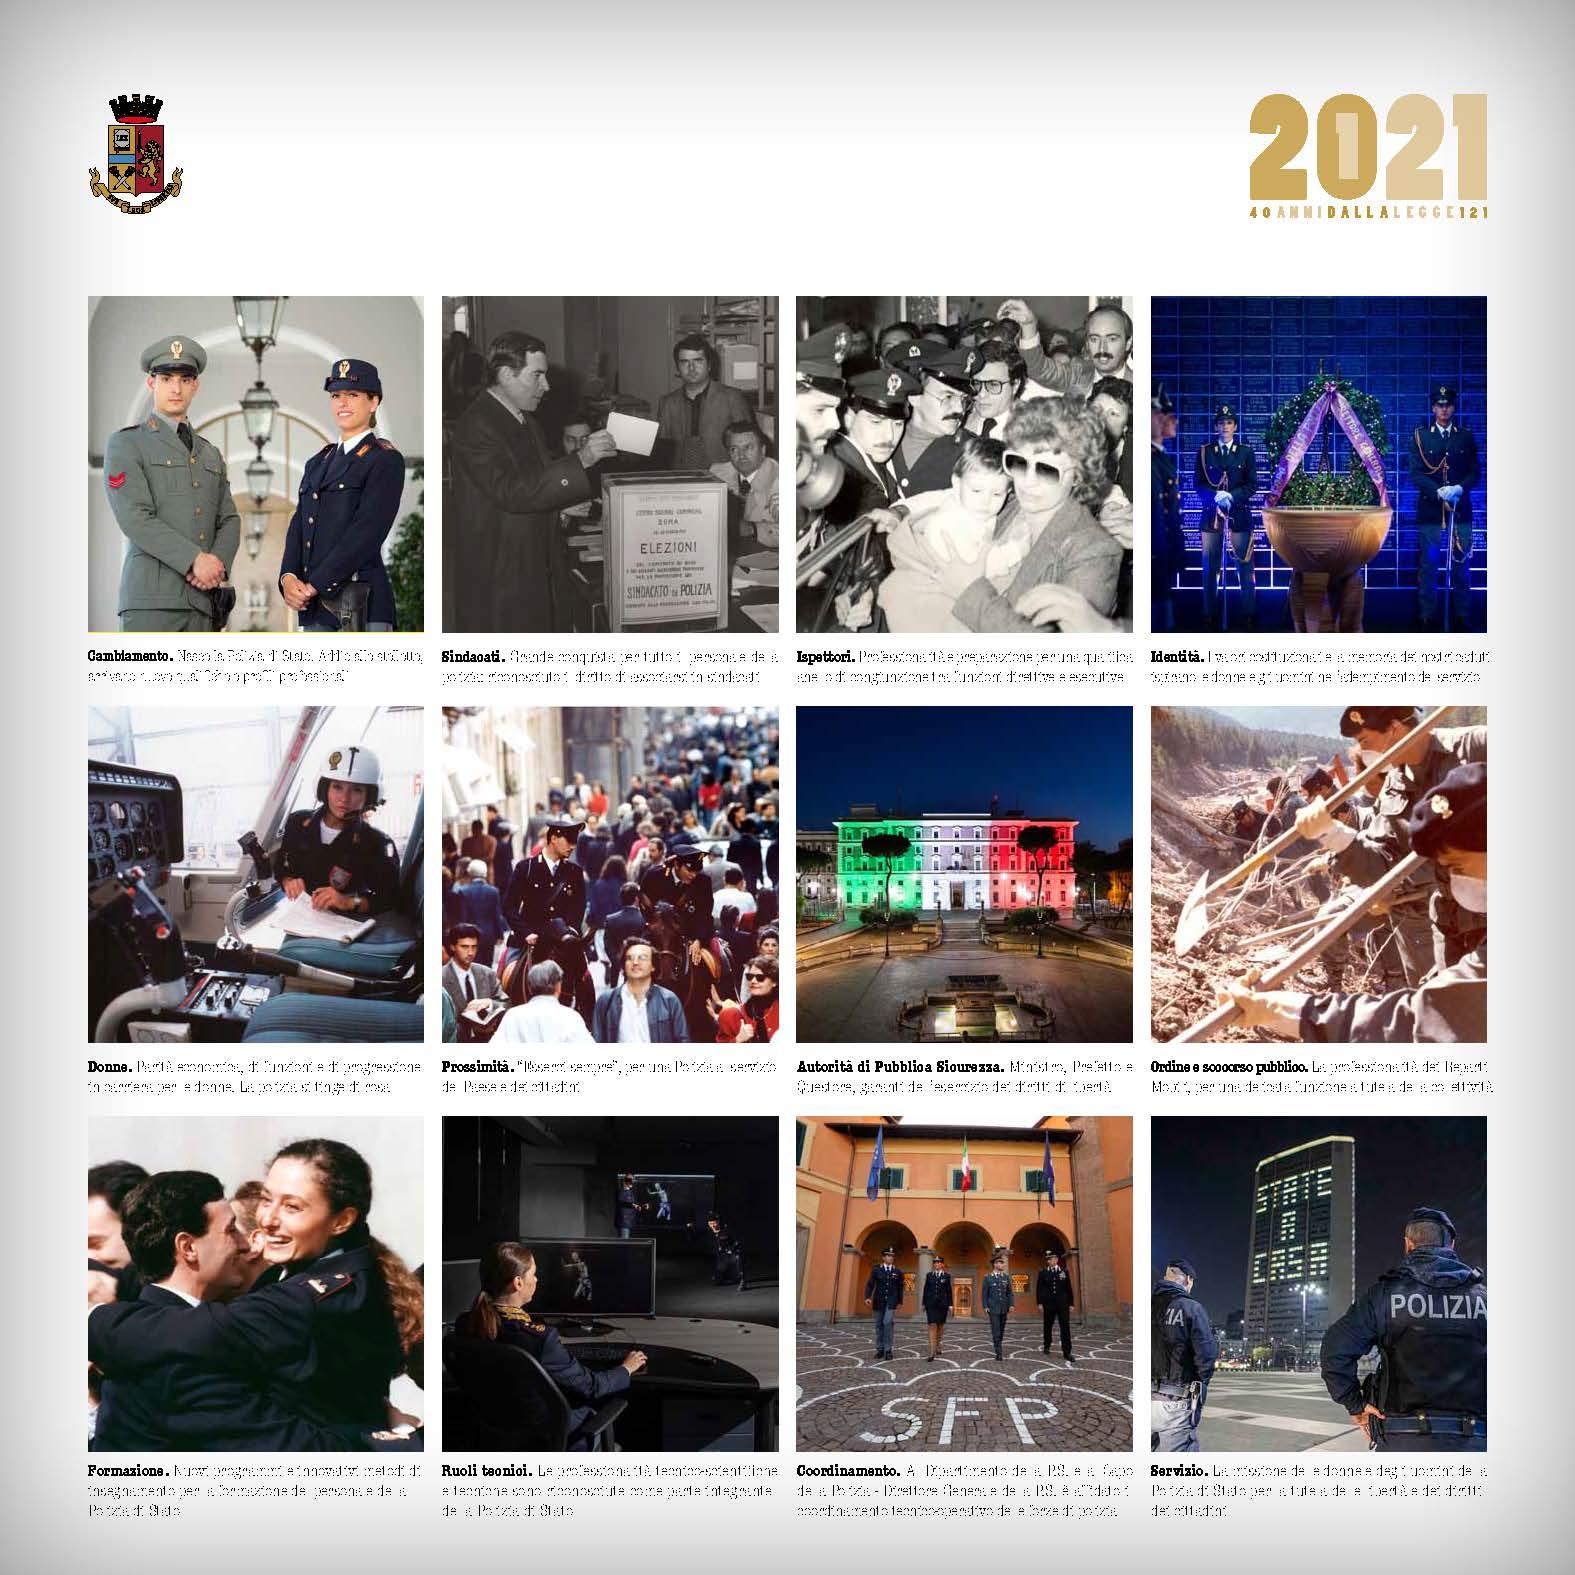 Presentato il calendario della Polizia di Stato 2021   BATmagazine